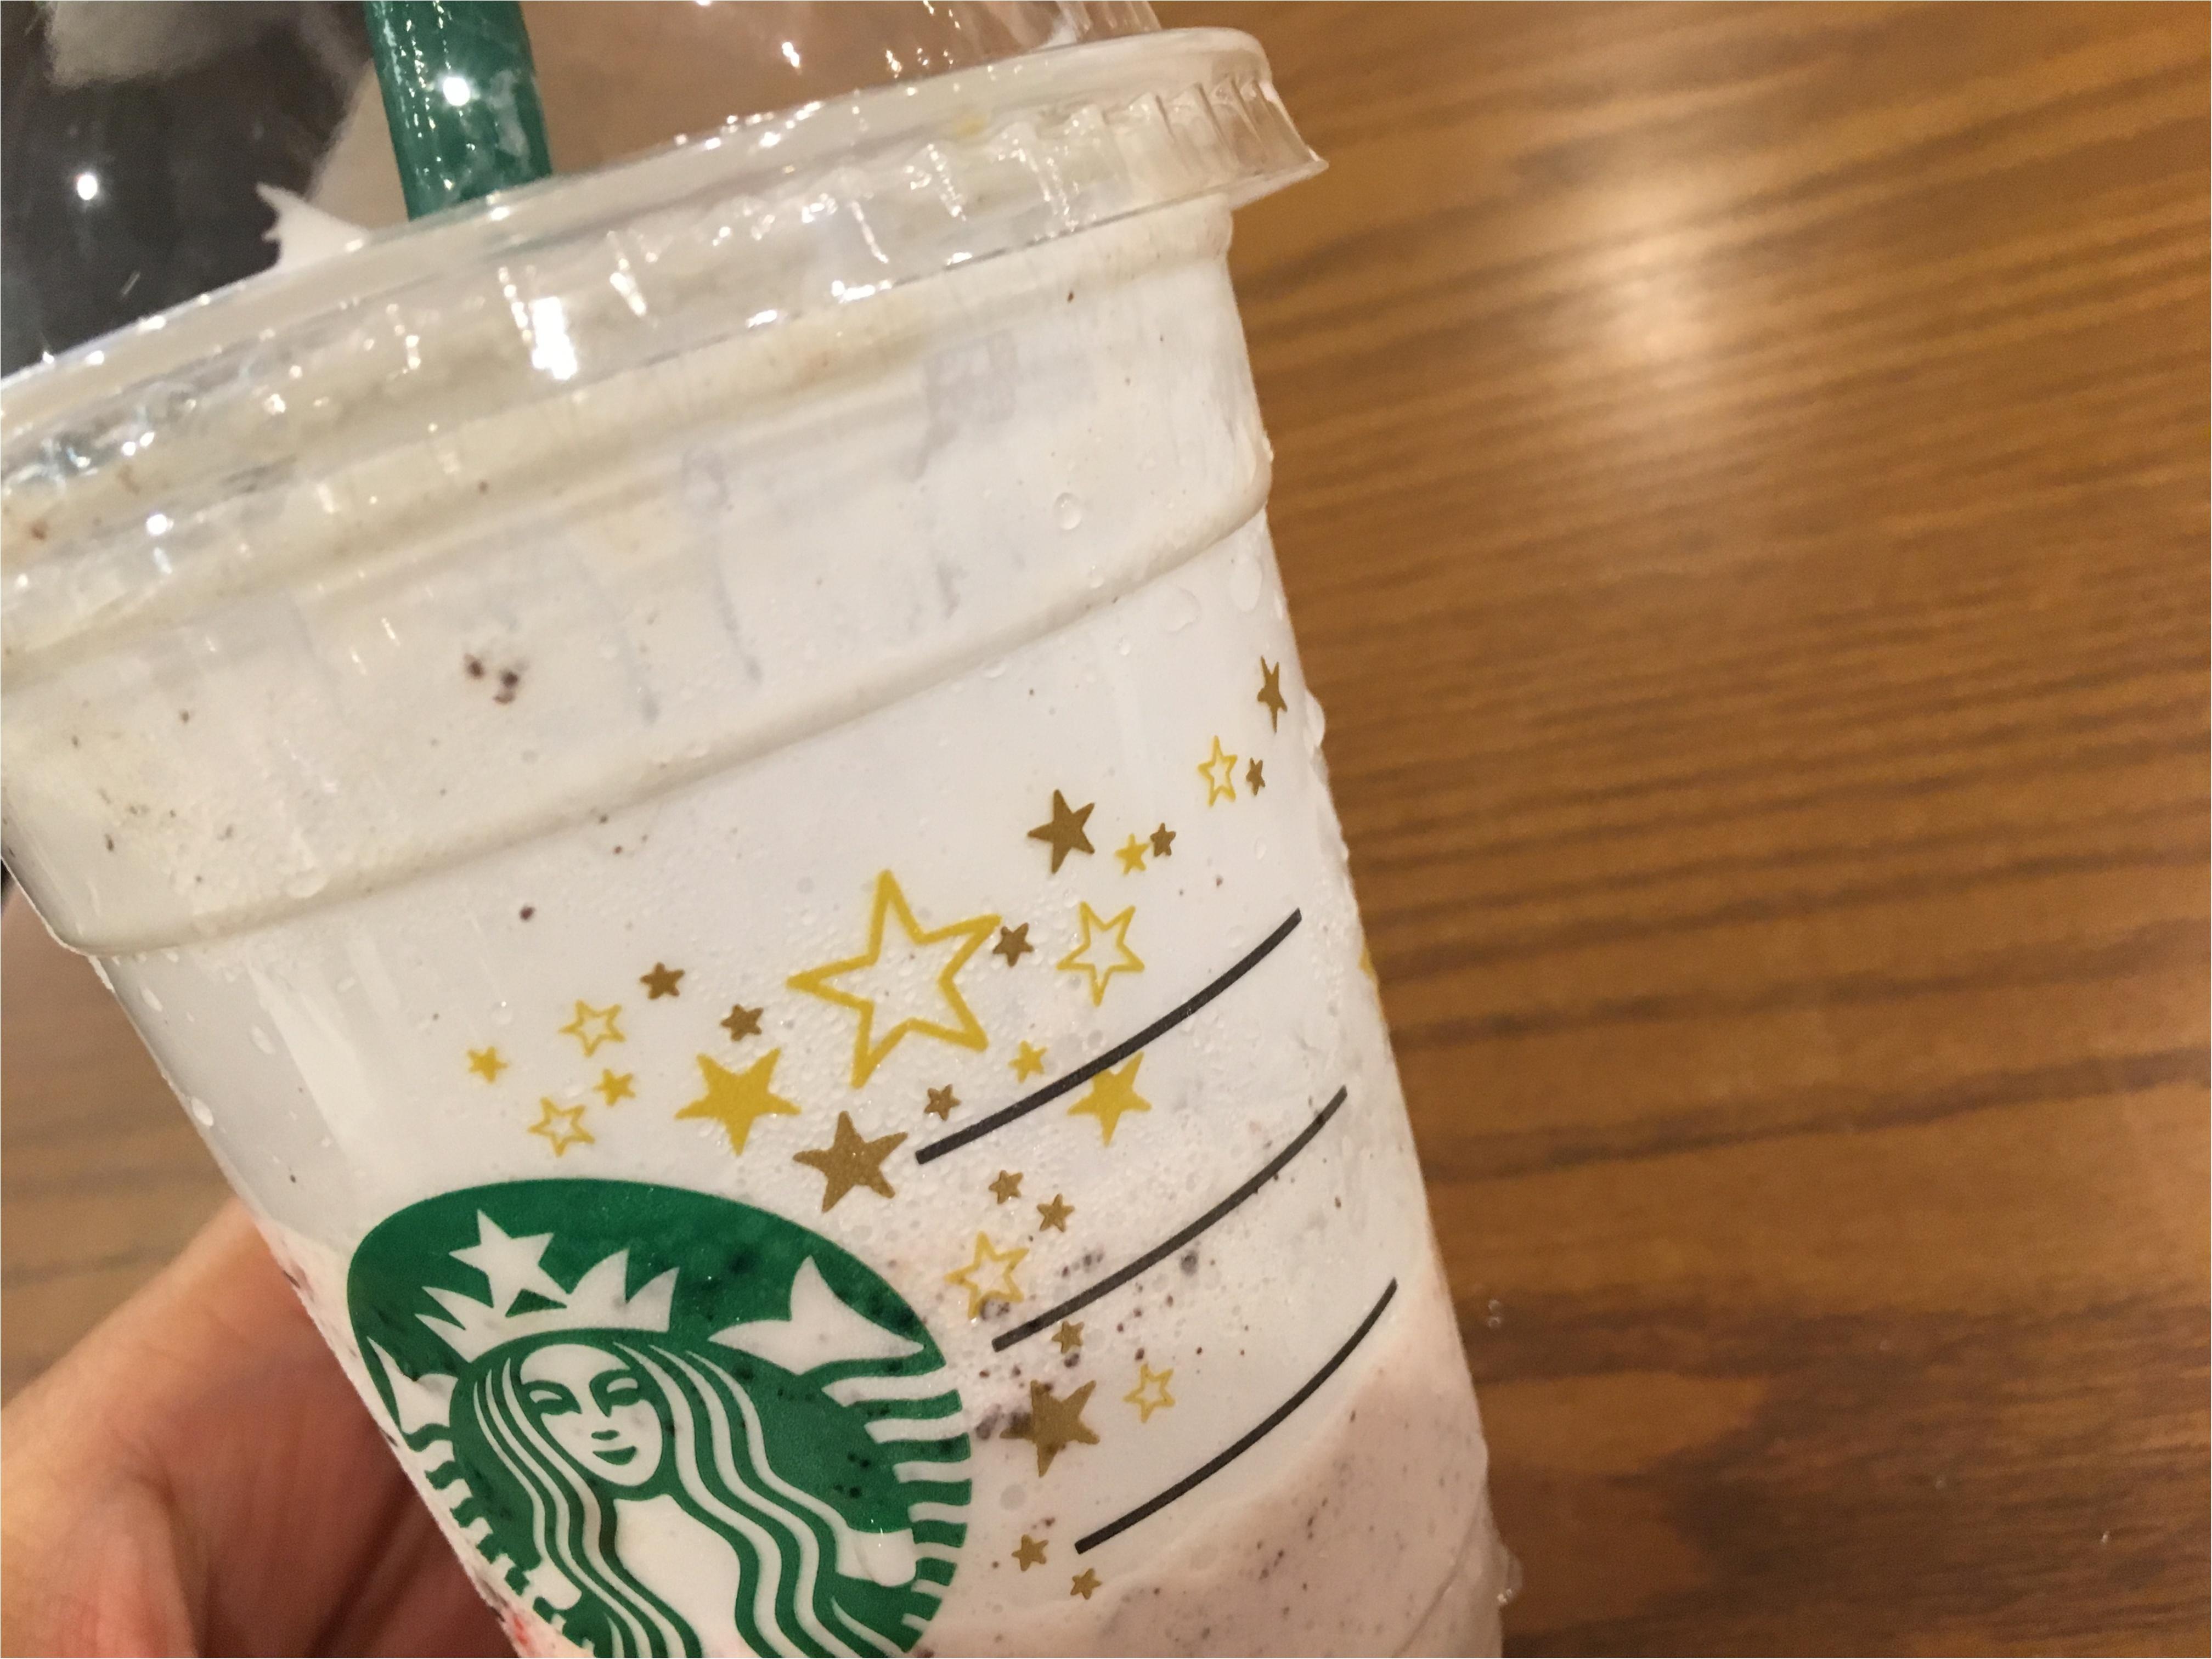 【スタバ】ザクザク★グラノーラ入り!アーモンドミルク&グラノラフラペチーノ♡♡_4